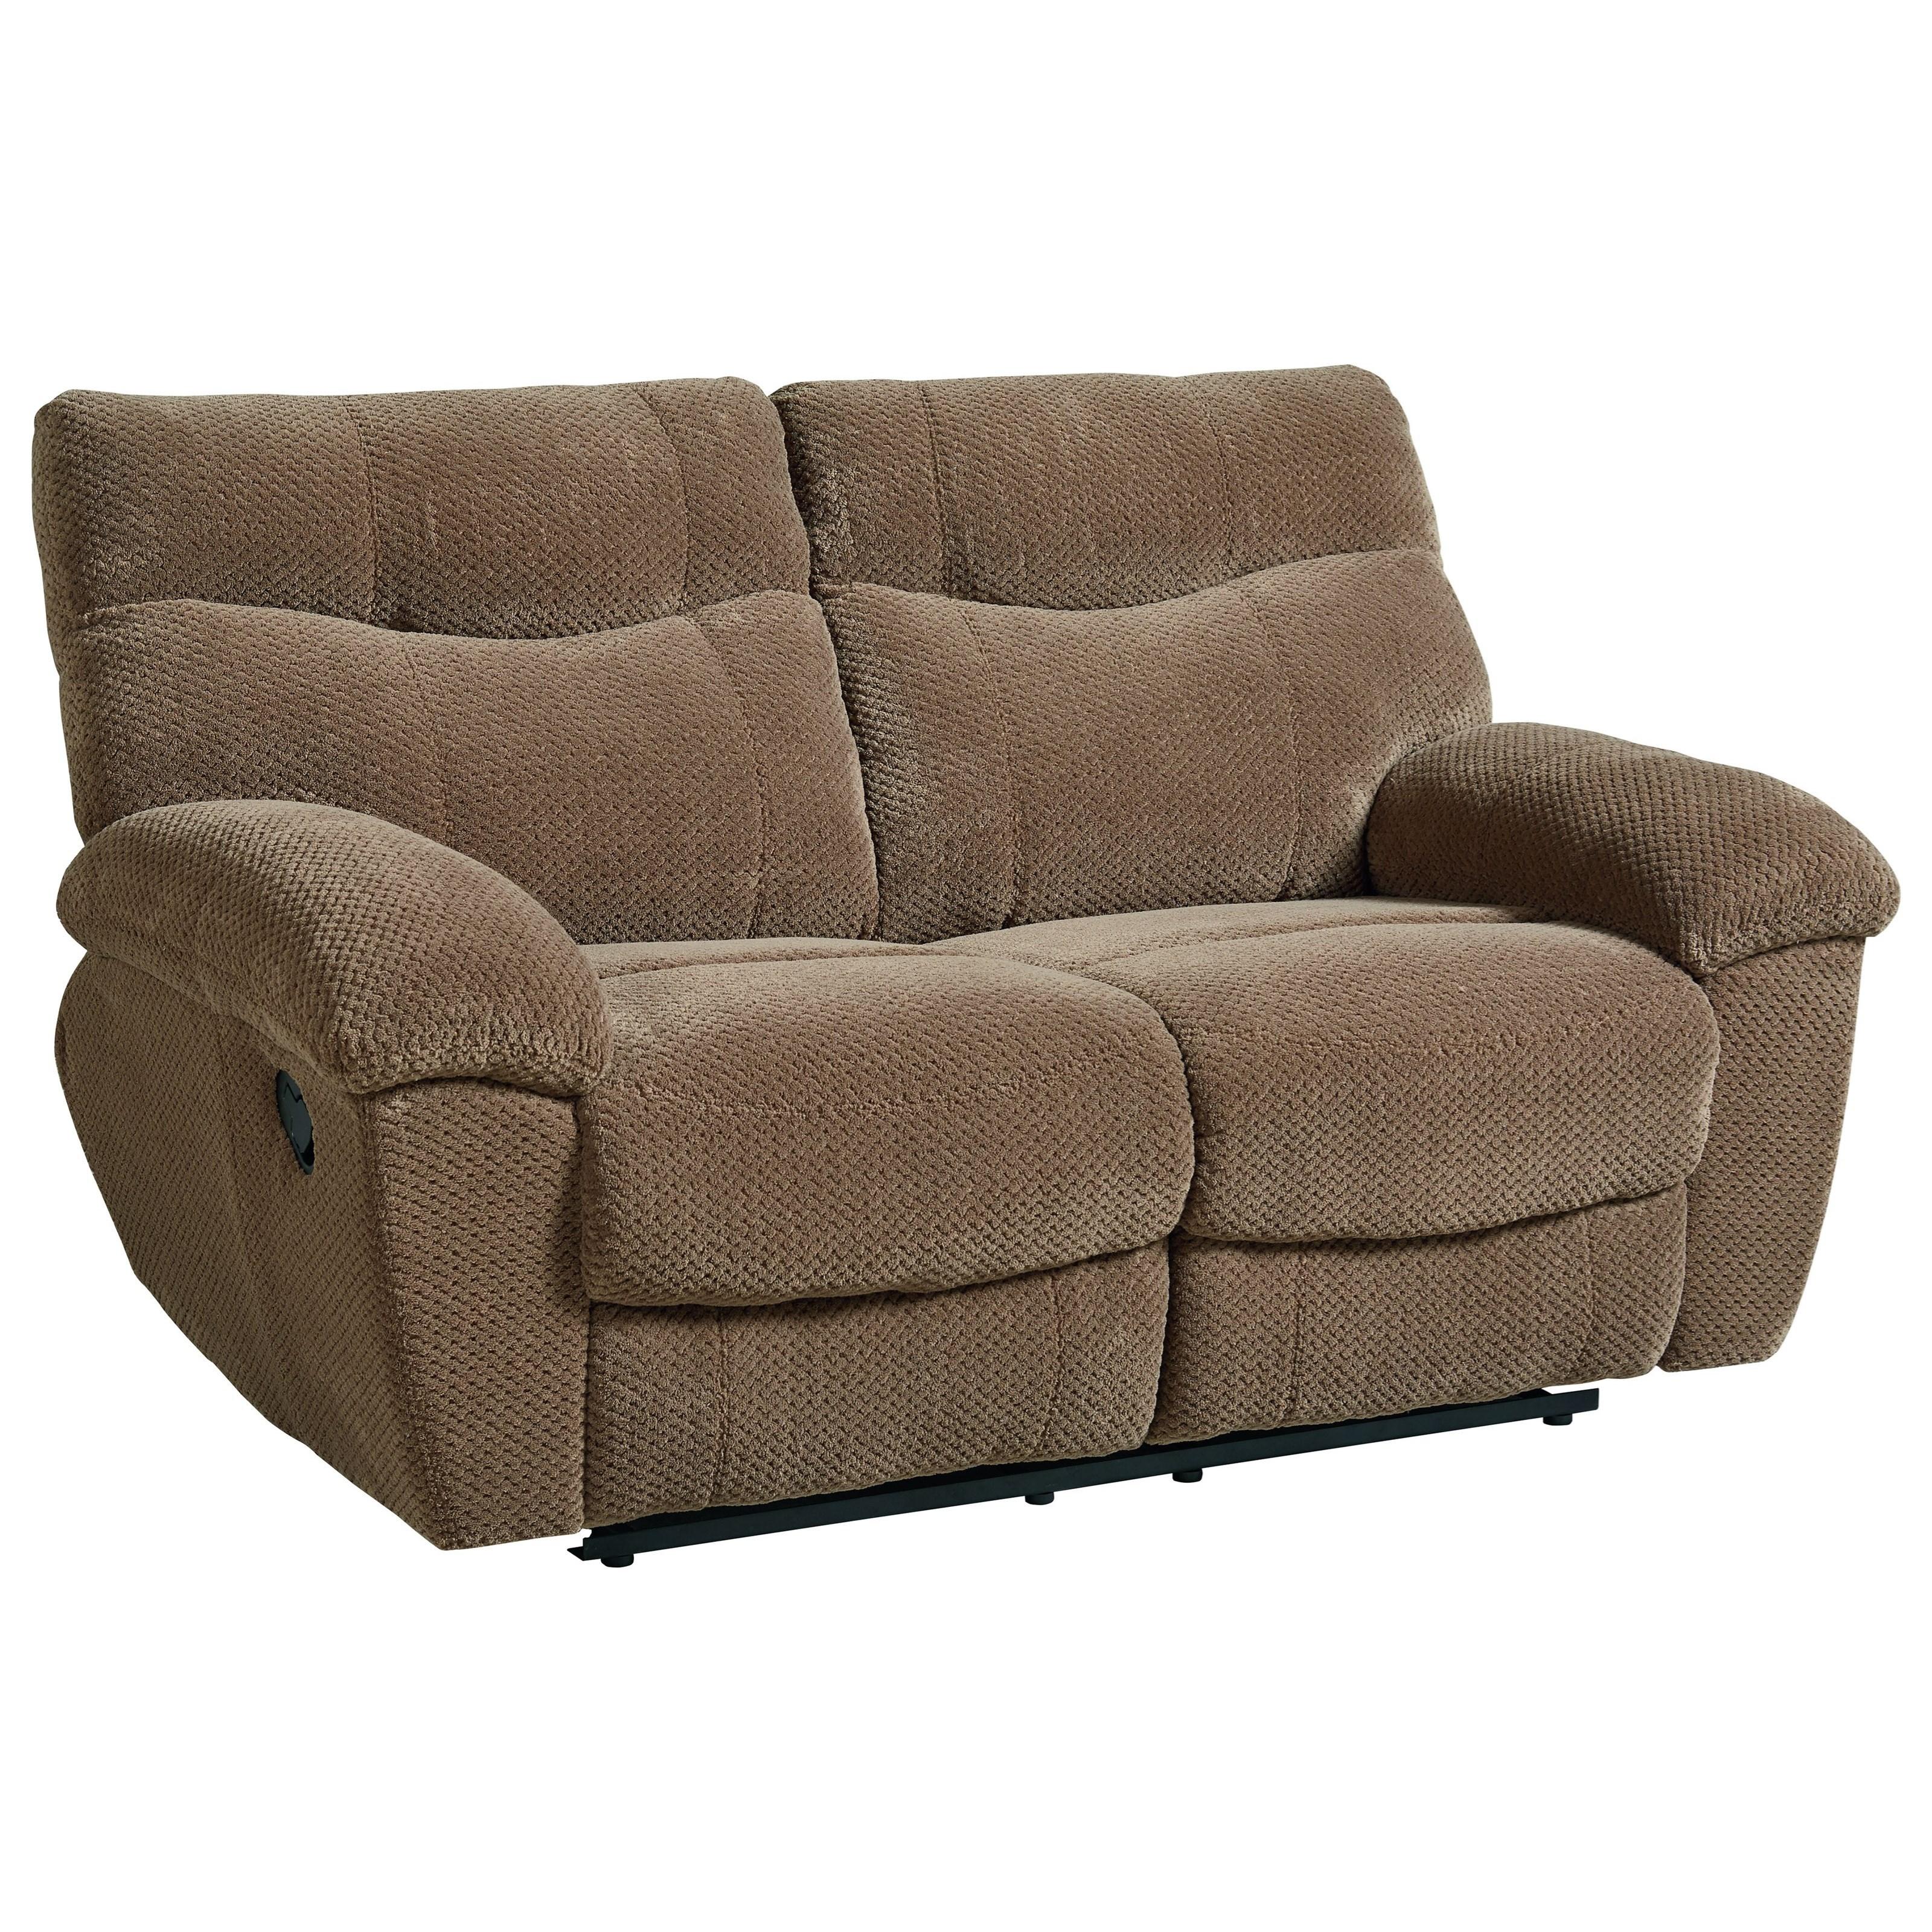 standard furniture escapade reclining living room group. Black Bedroom Furniture Sets. Home Design Ideas